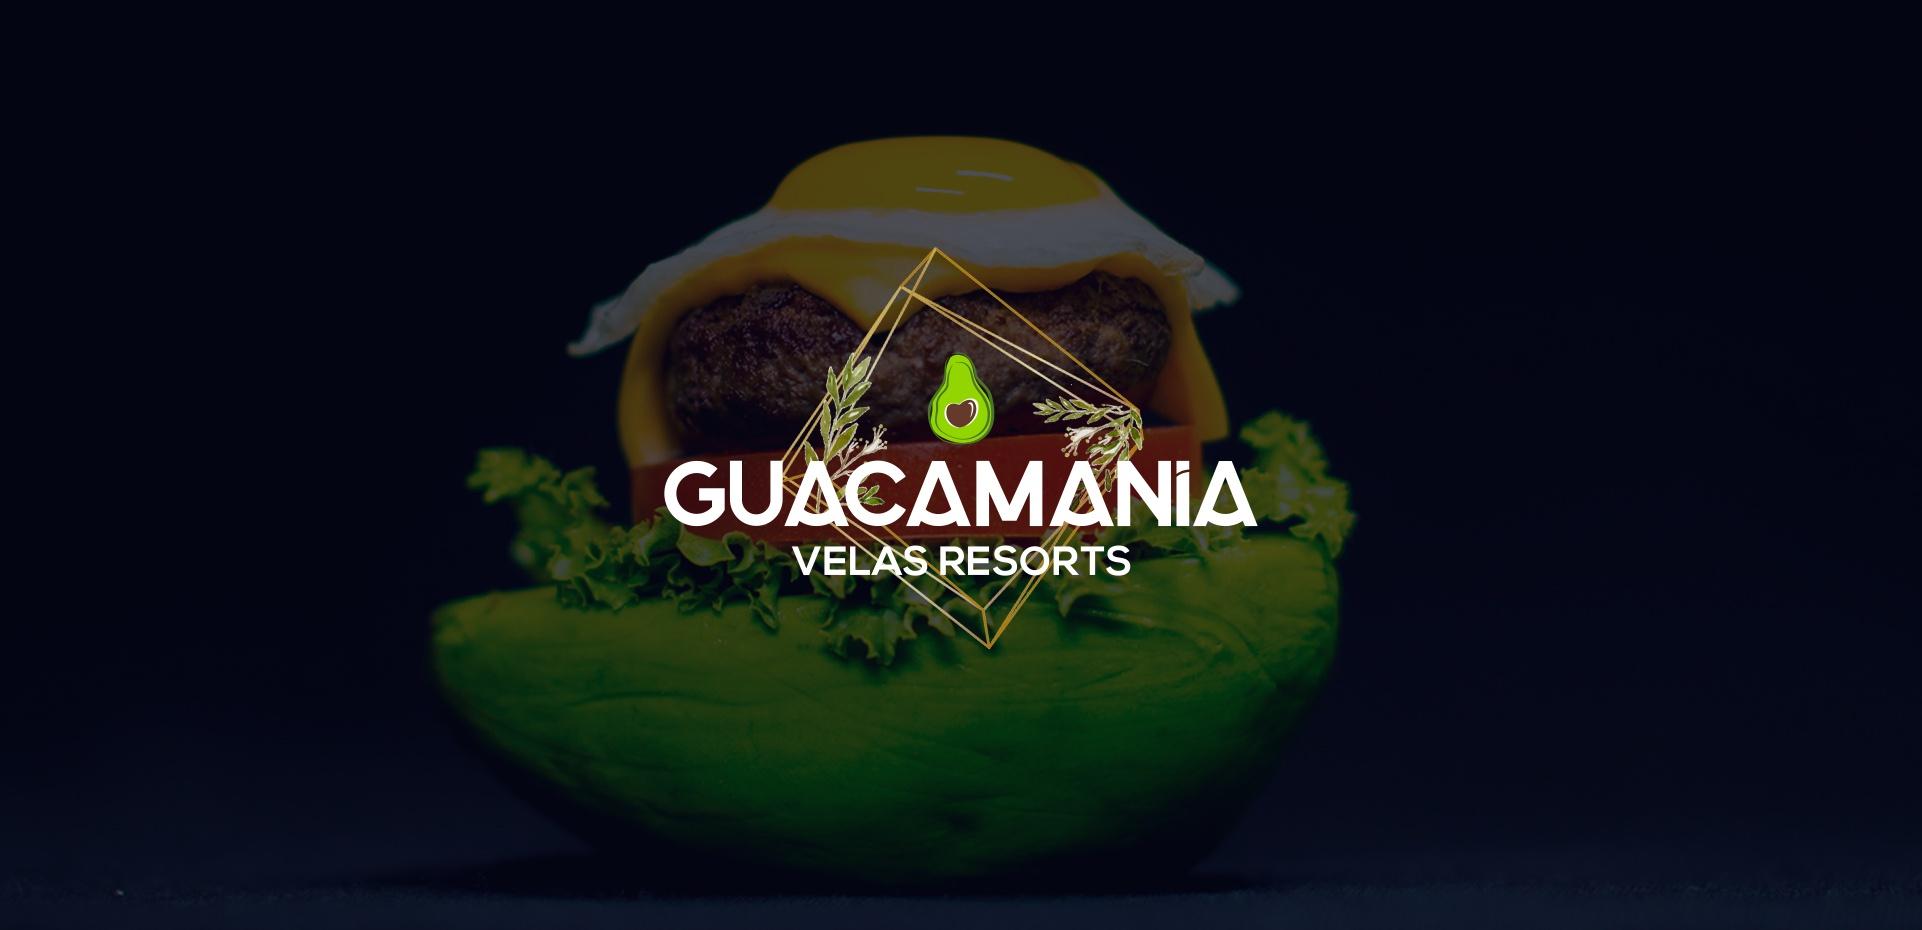 Guacamanía